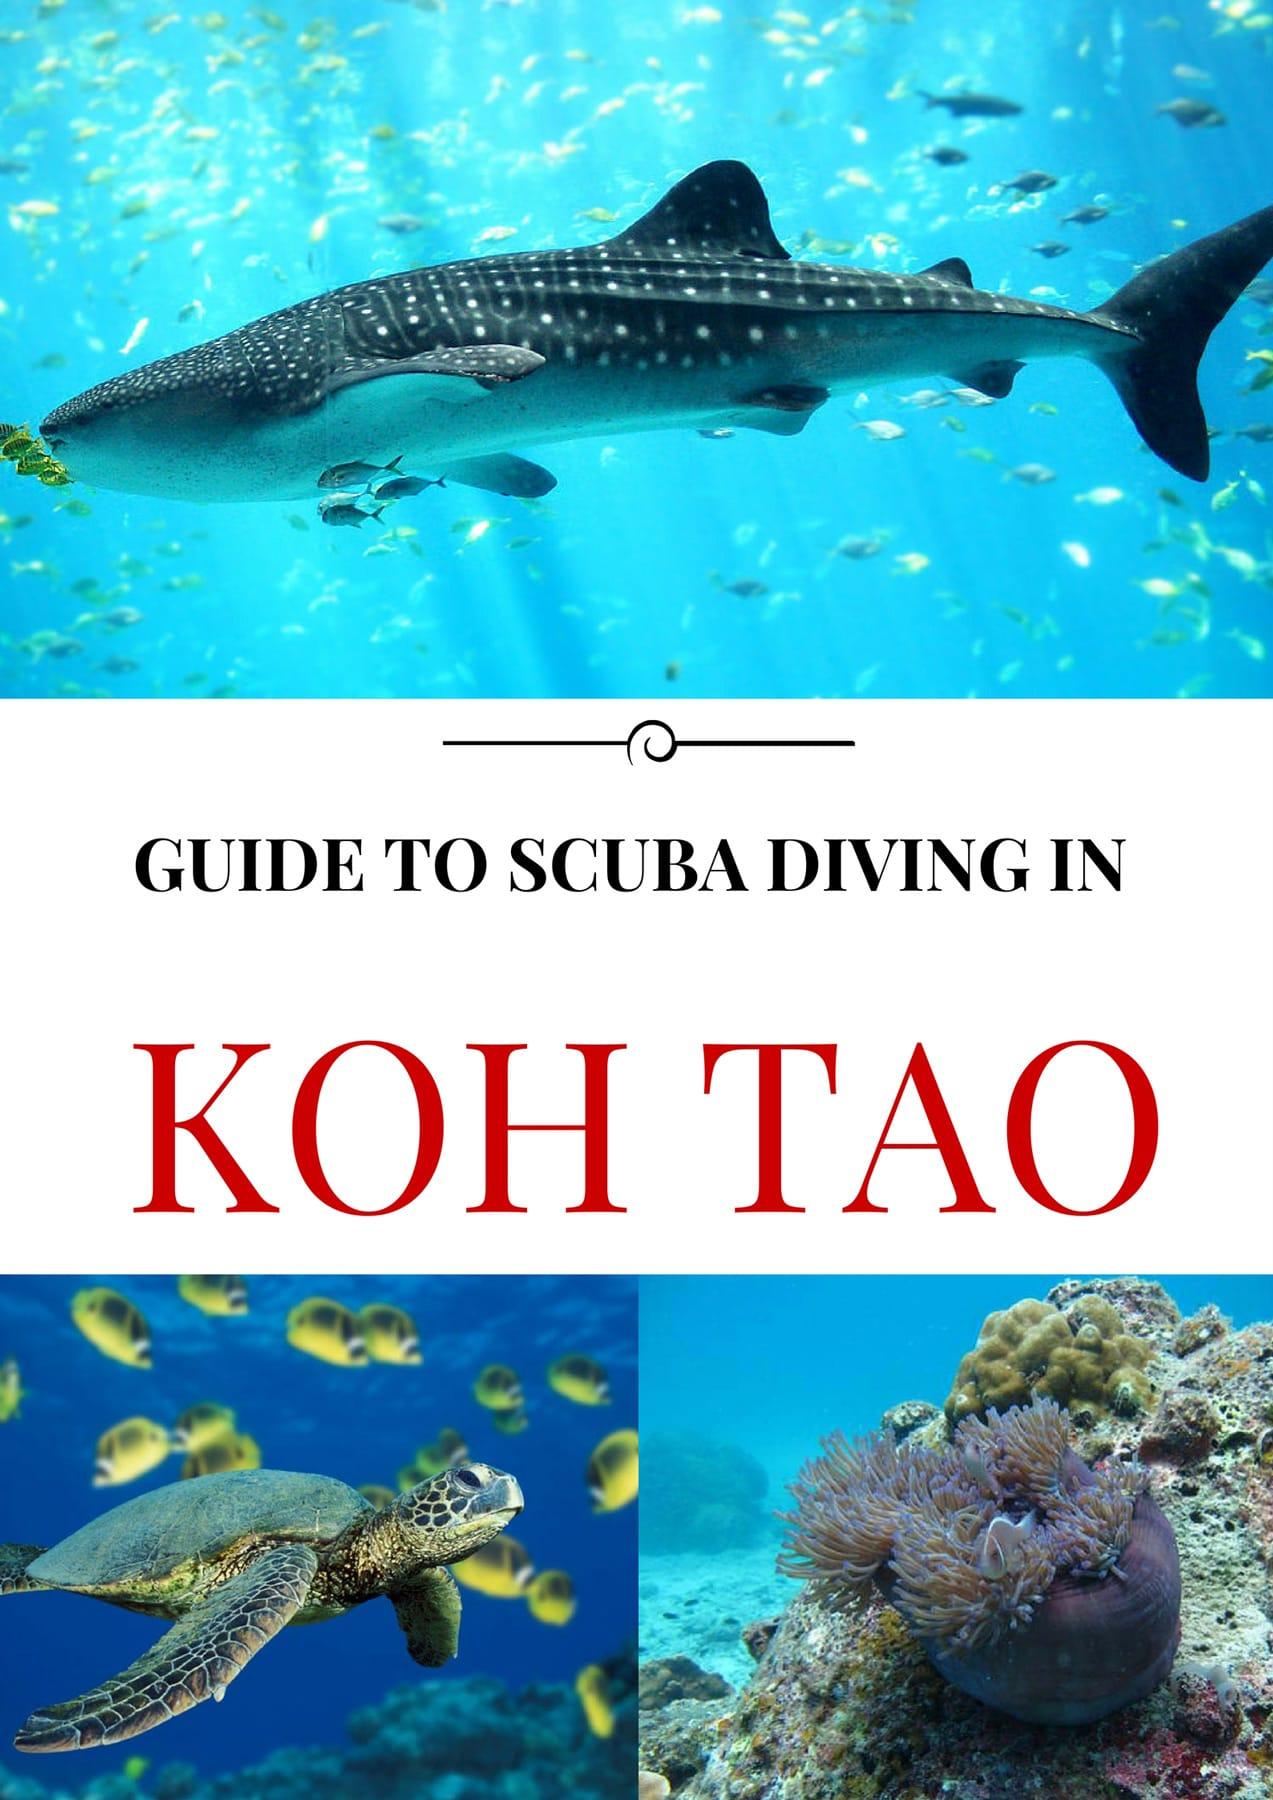 koh_tao_scuba_diving_guide